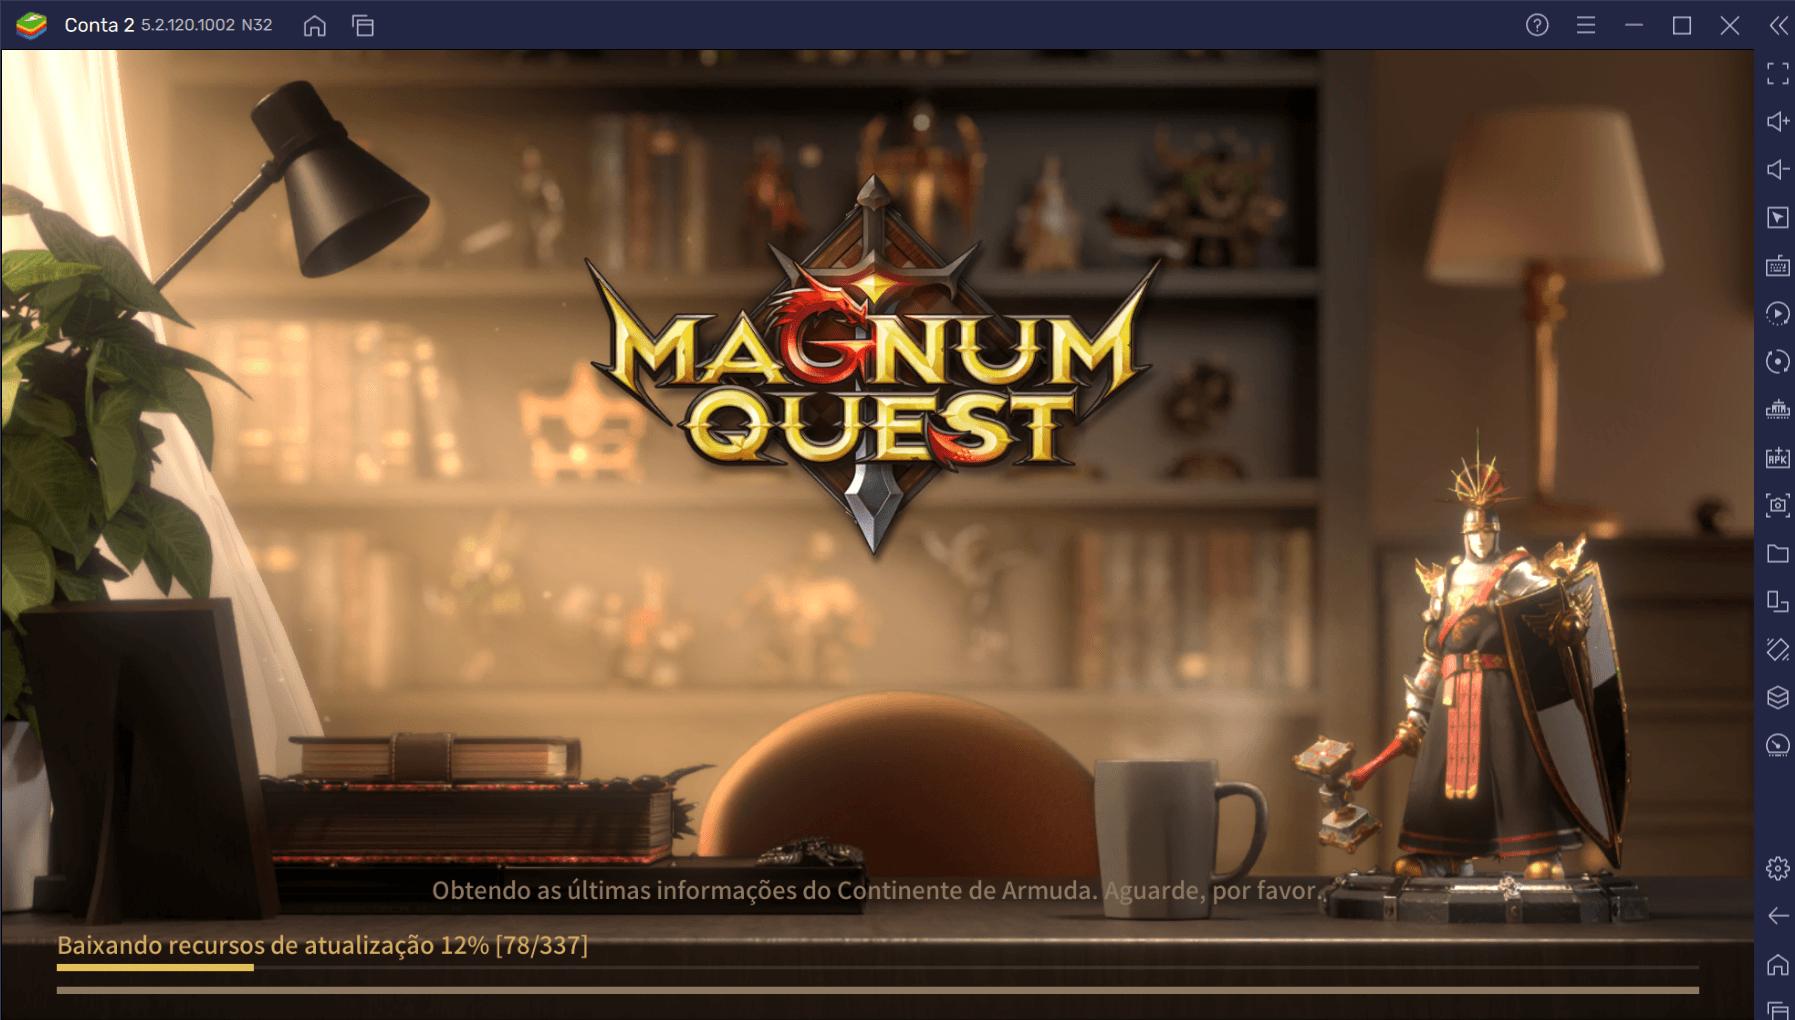 Faça Reroll em Magnum Quest e comece o jogo com os melhores personagens